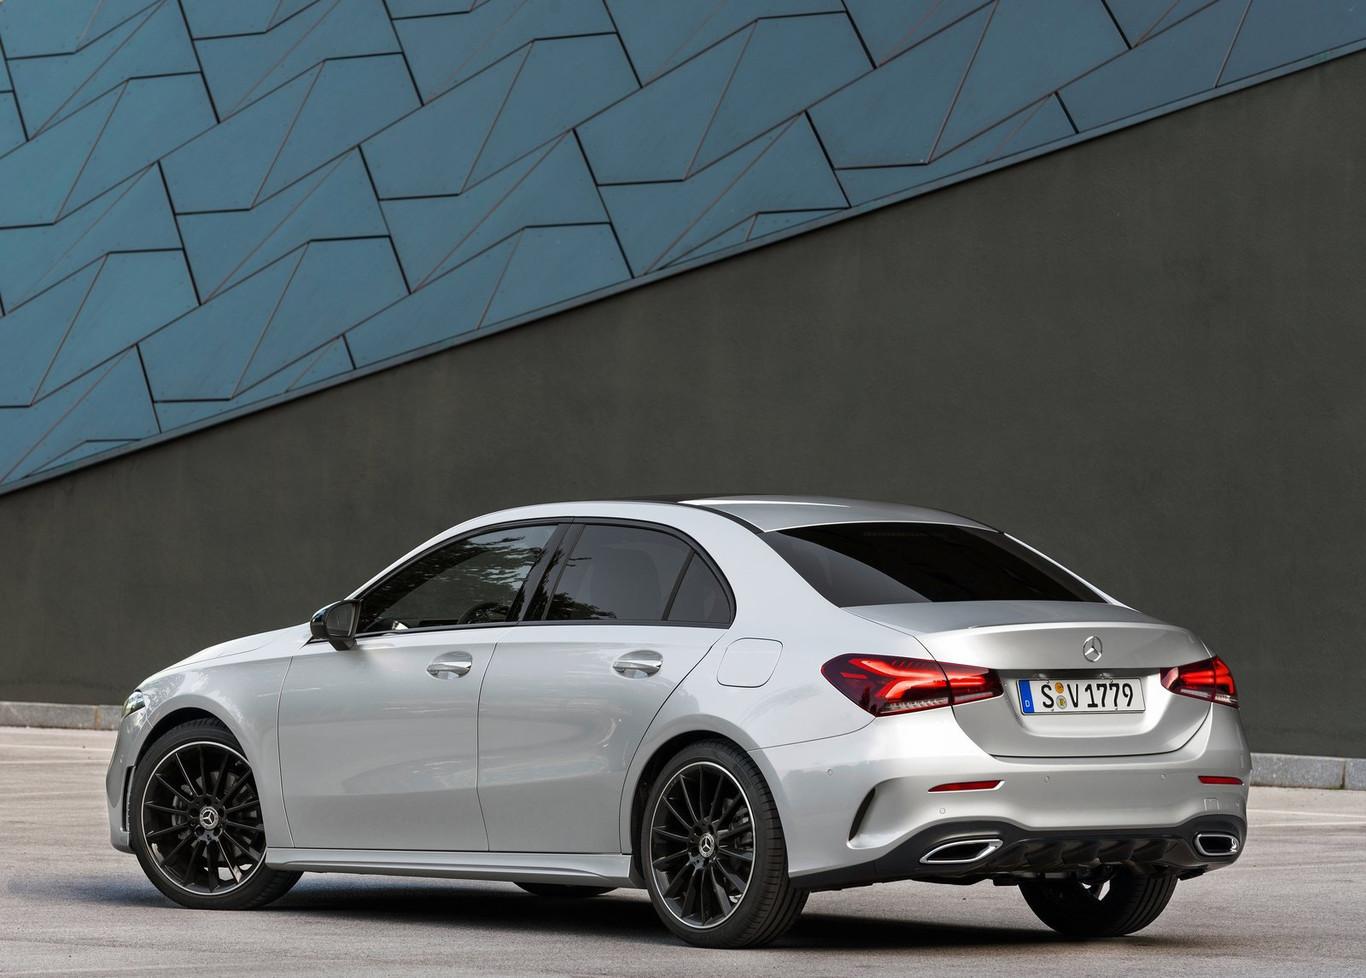 Mercedes-Benz Clase A Sedán posterior